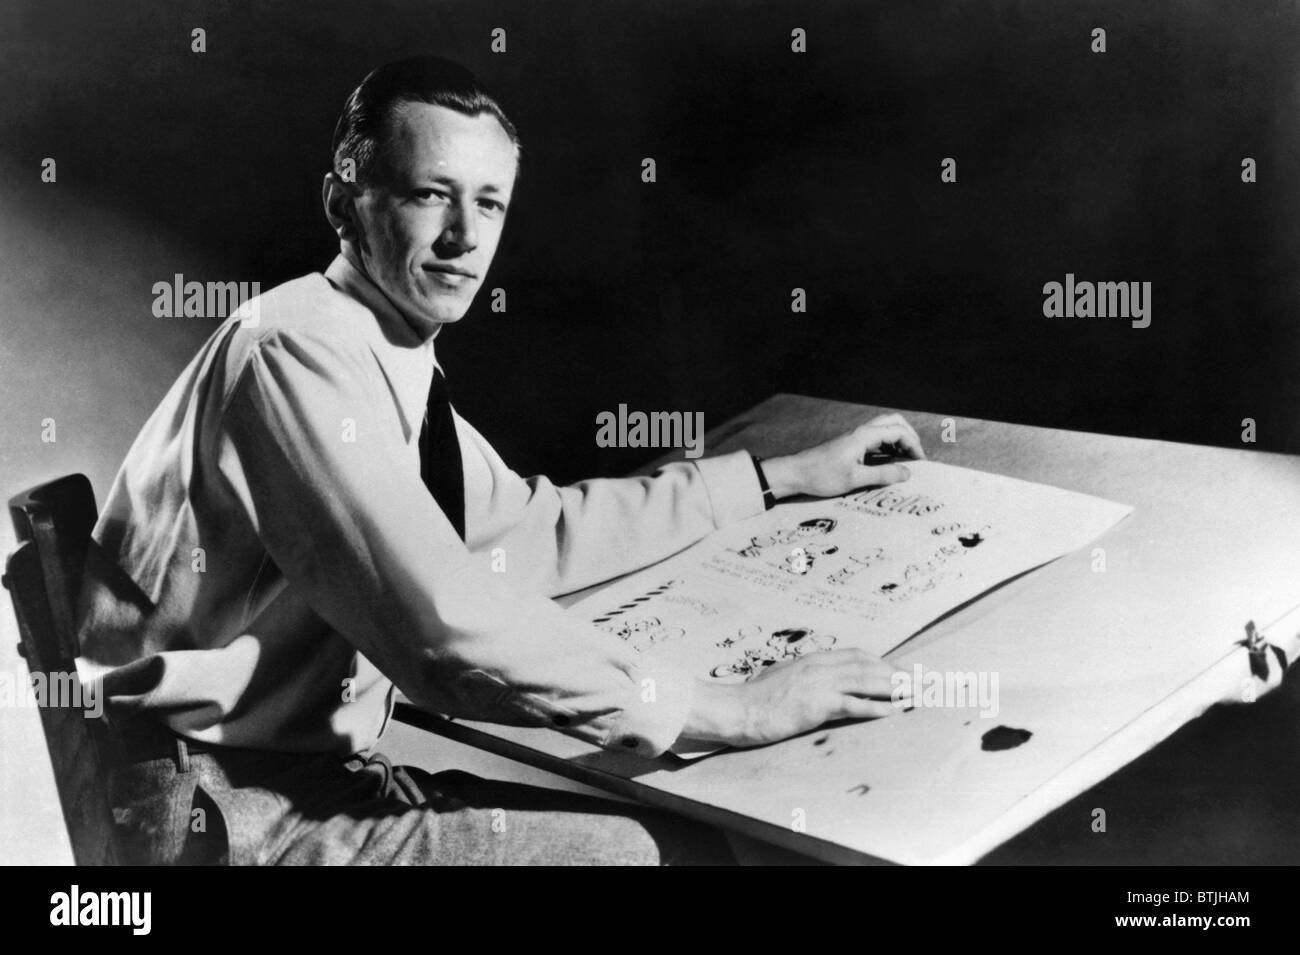 """Charles, (1922 ? 2000), US-amerikanischer Cartoonist und Schöpfer der Comic-Strip """"Peanuts"""", c. 1952. Stockbild"""